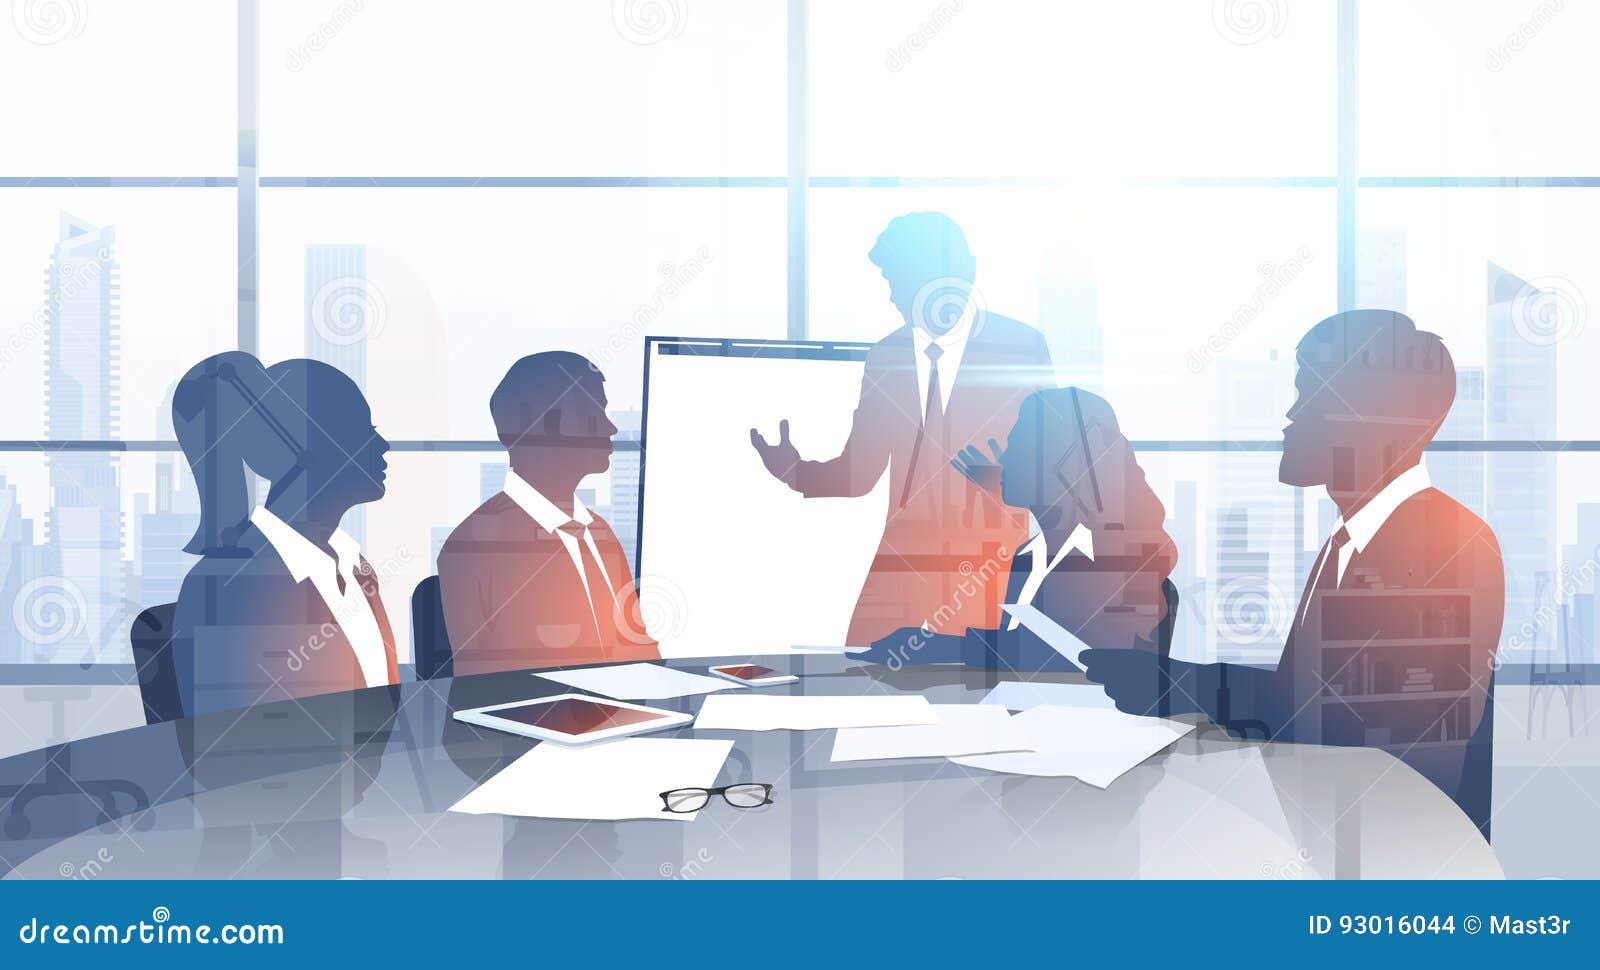 Ομάδα επιχειρηματιών σκιαγραφιών με την παρουσίαση  brainstorming  διασκέψεων κατάρτισης σεμιναρίου διαγραμμάτων κτυπήματος στο σ